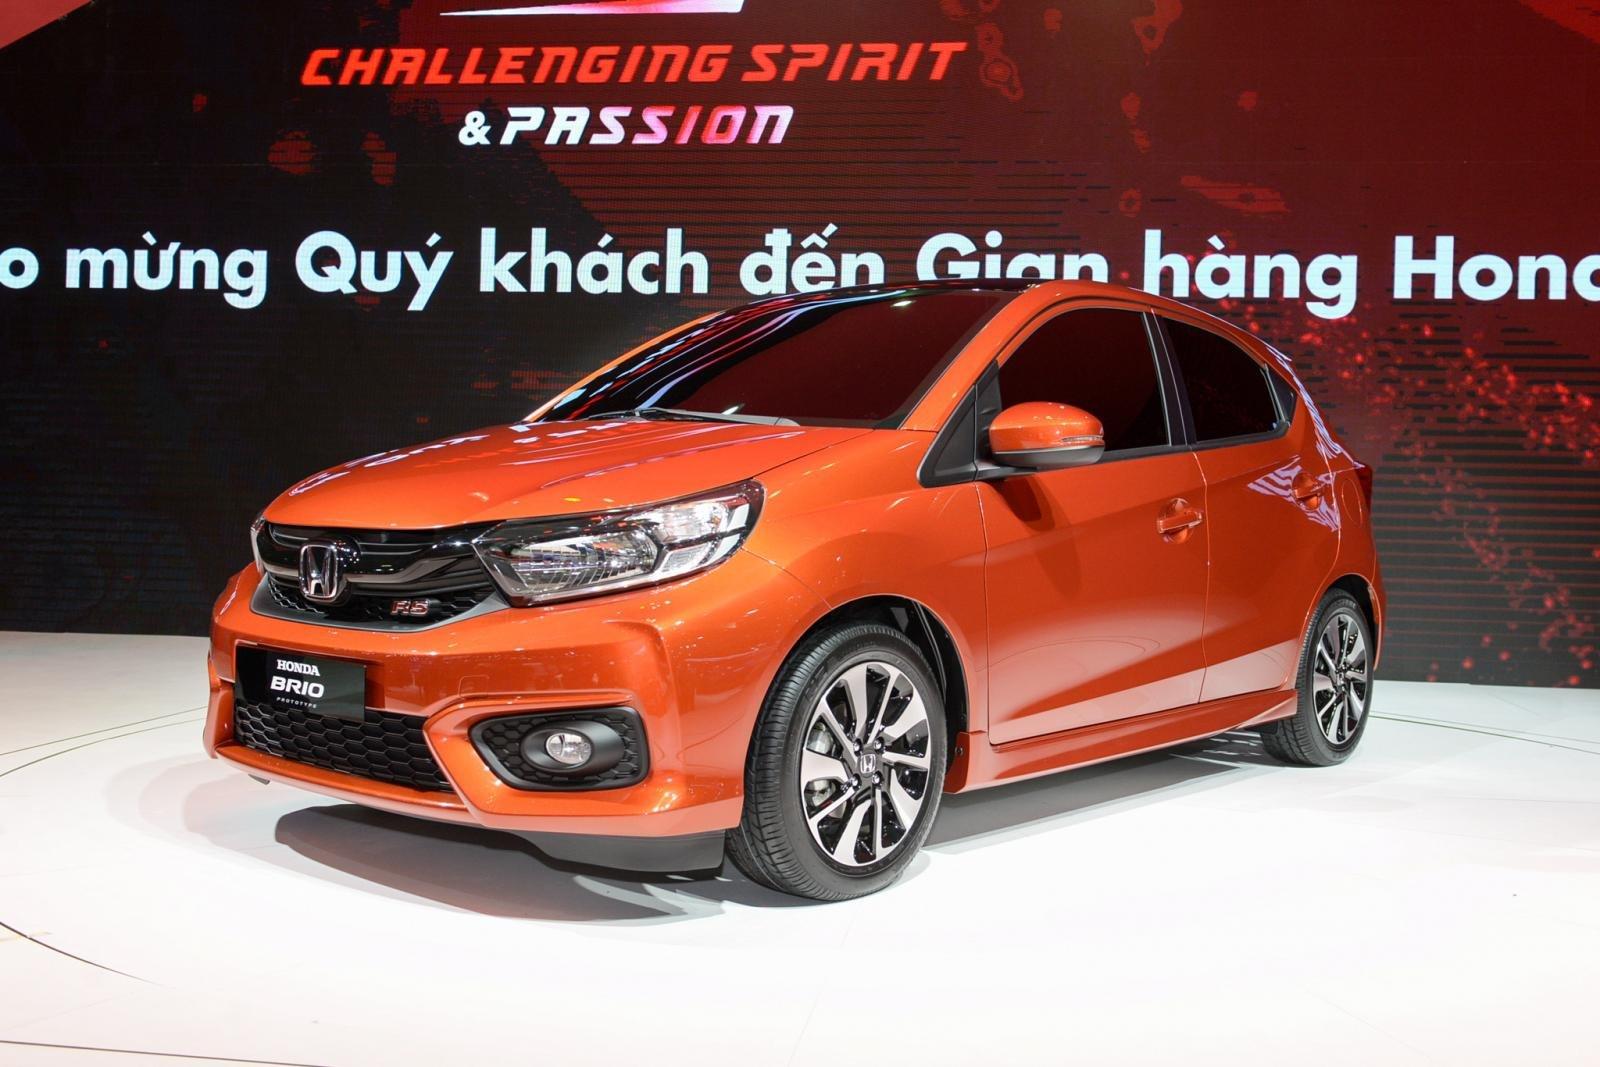 Lộ trang bị xe Honda Brio 2019 tại Việt Nam, có gì để mua? a1